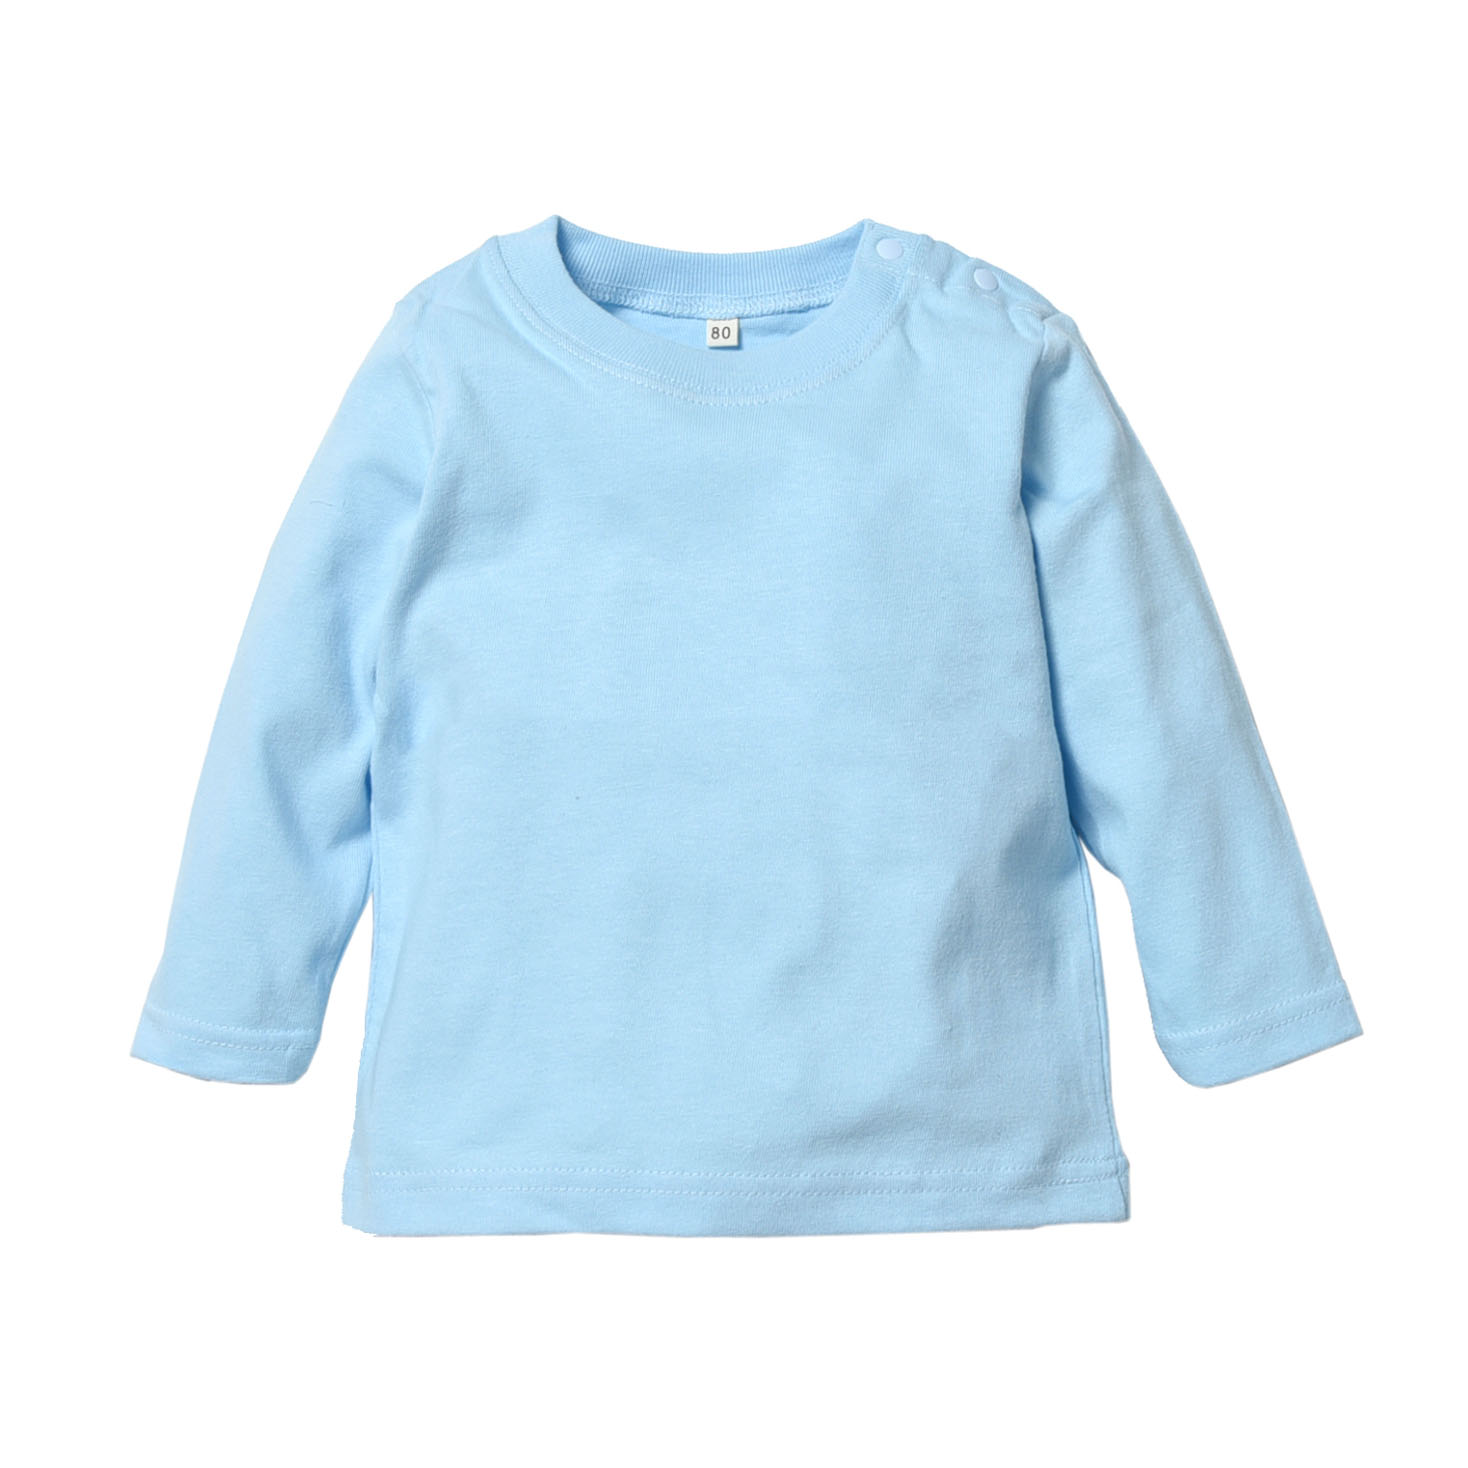 【8色展開】無地長袖ベビーTシャツ(80サイズ~100サイズ)【トムス製】ロンT、キッズ、ベビー